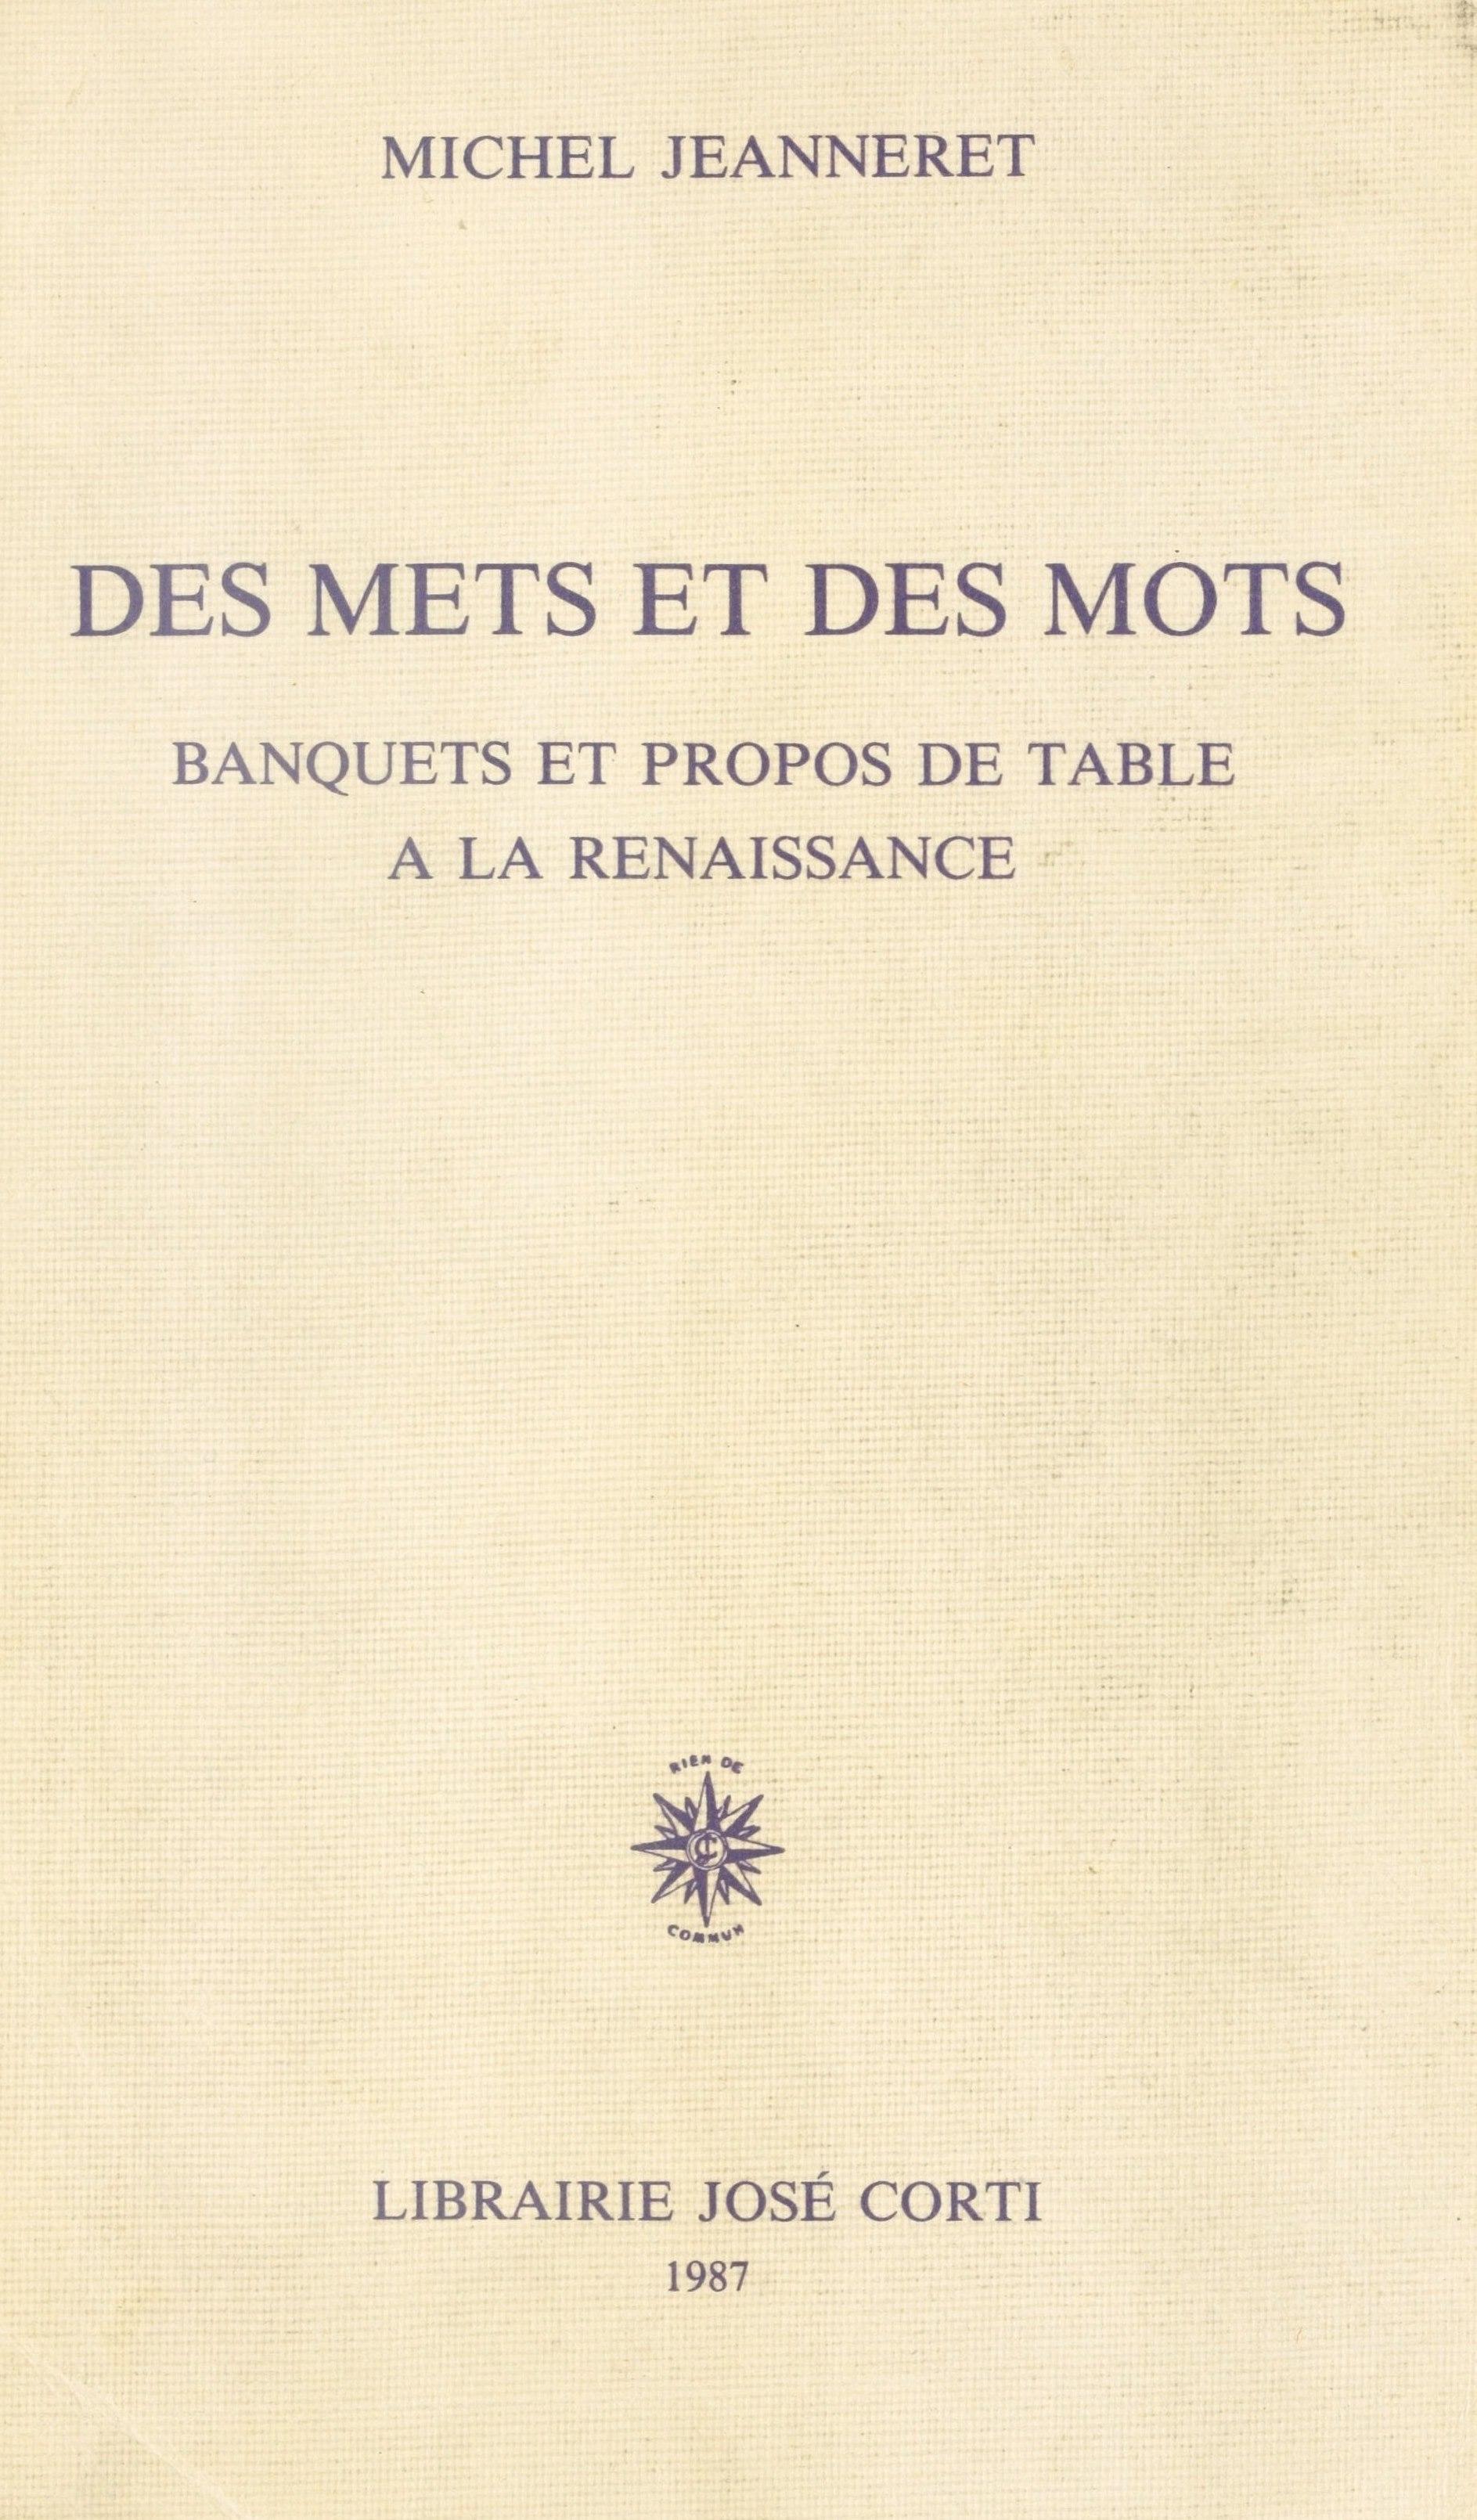 Des mets et des mots : banquets et propos de table à la Renaissance